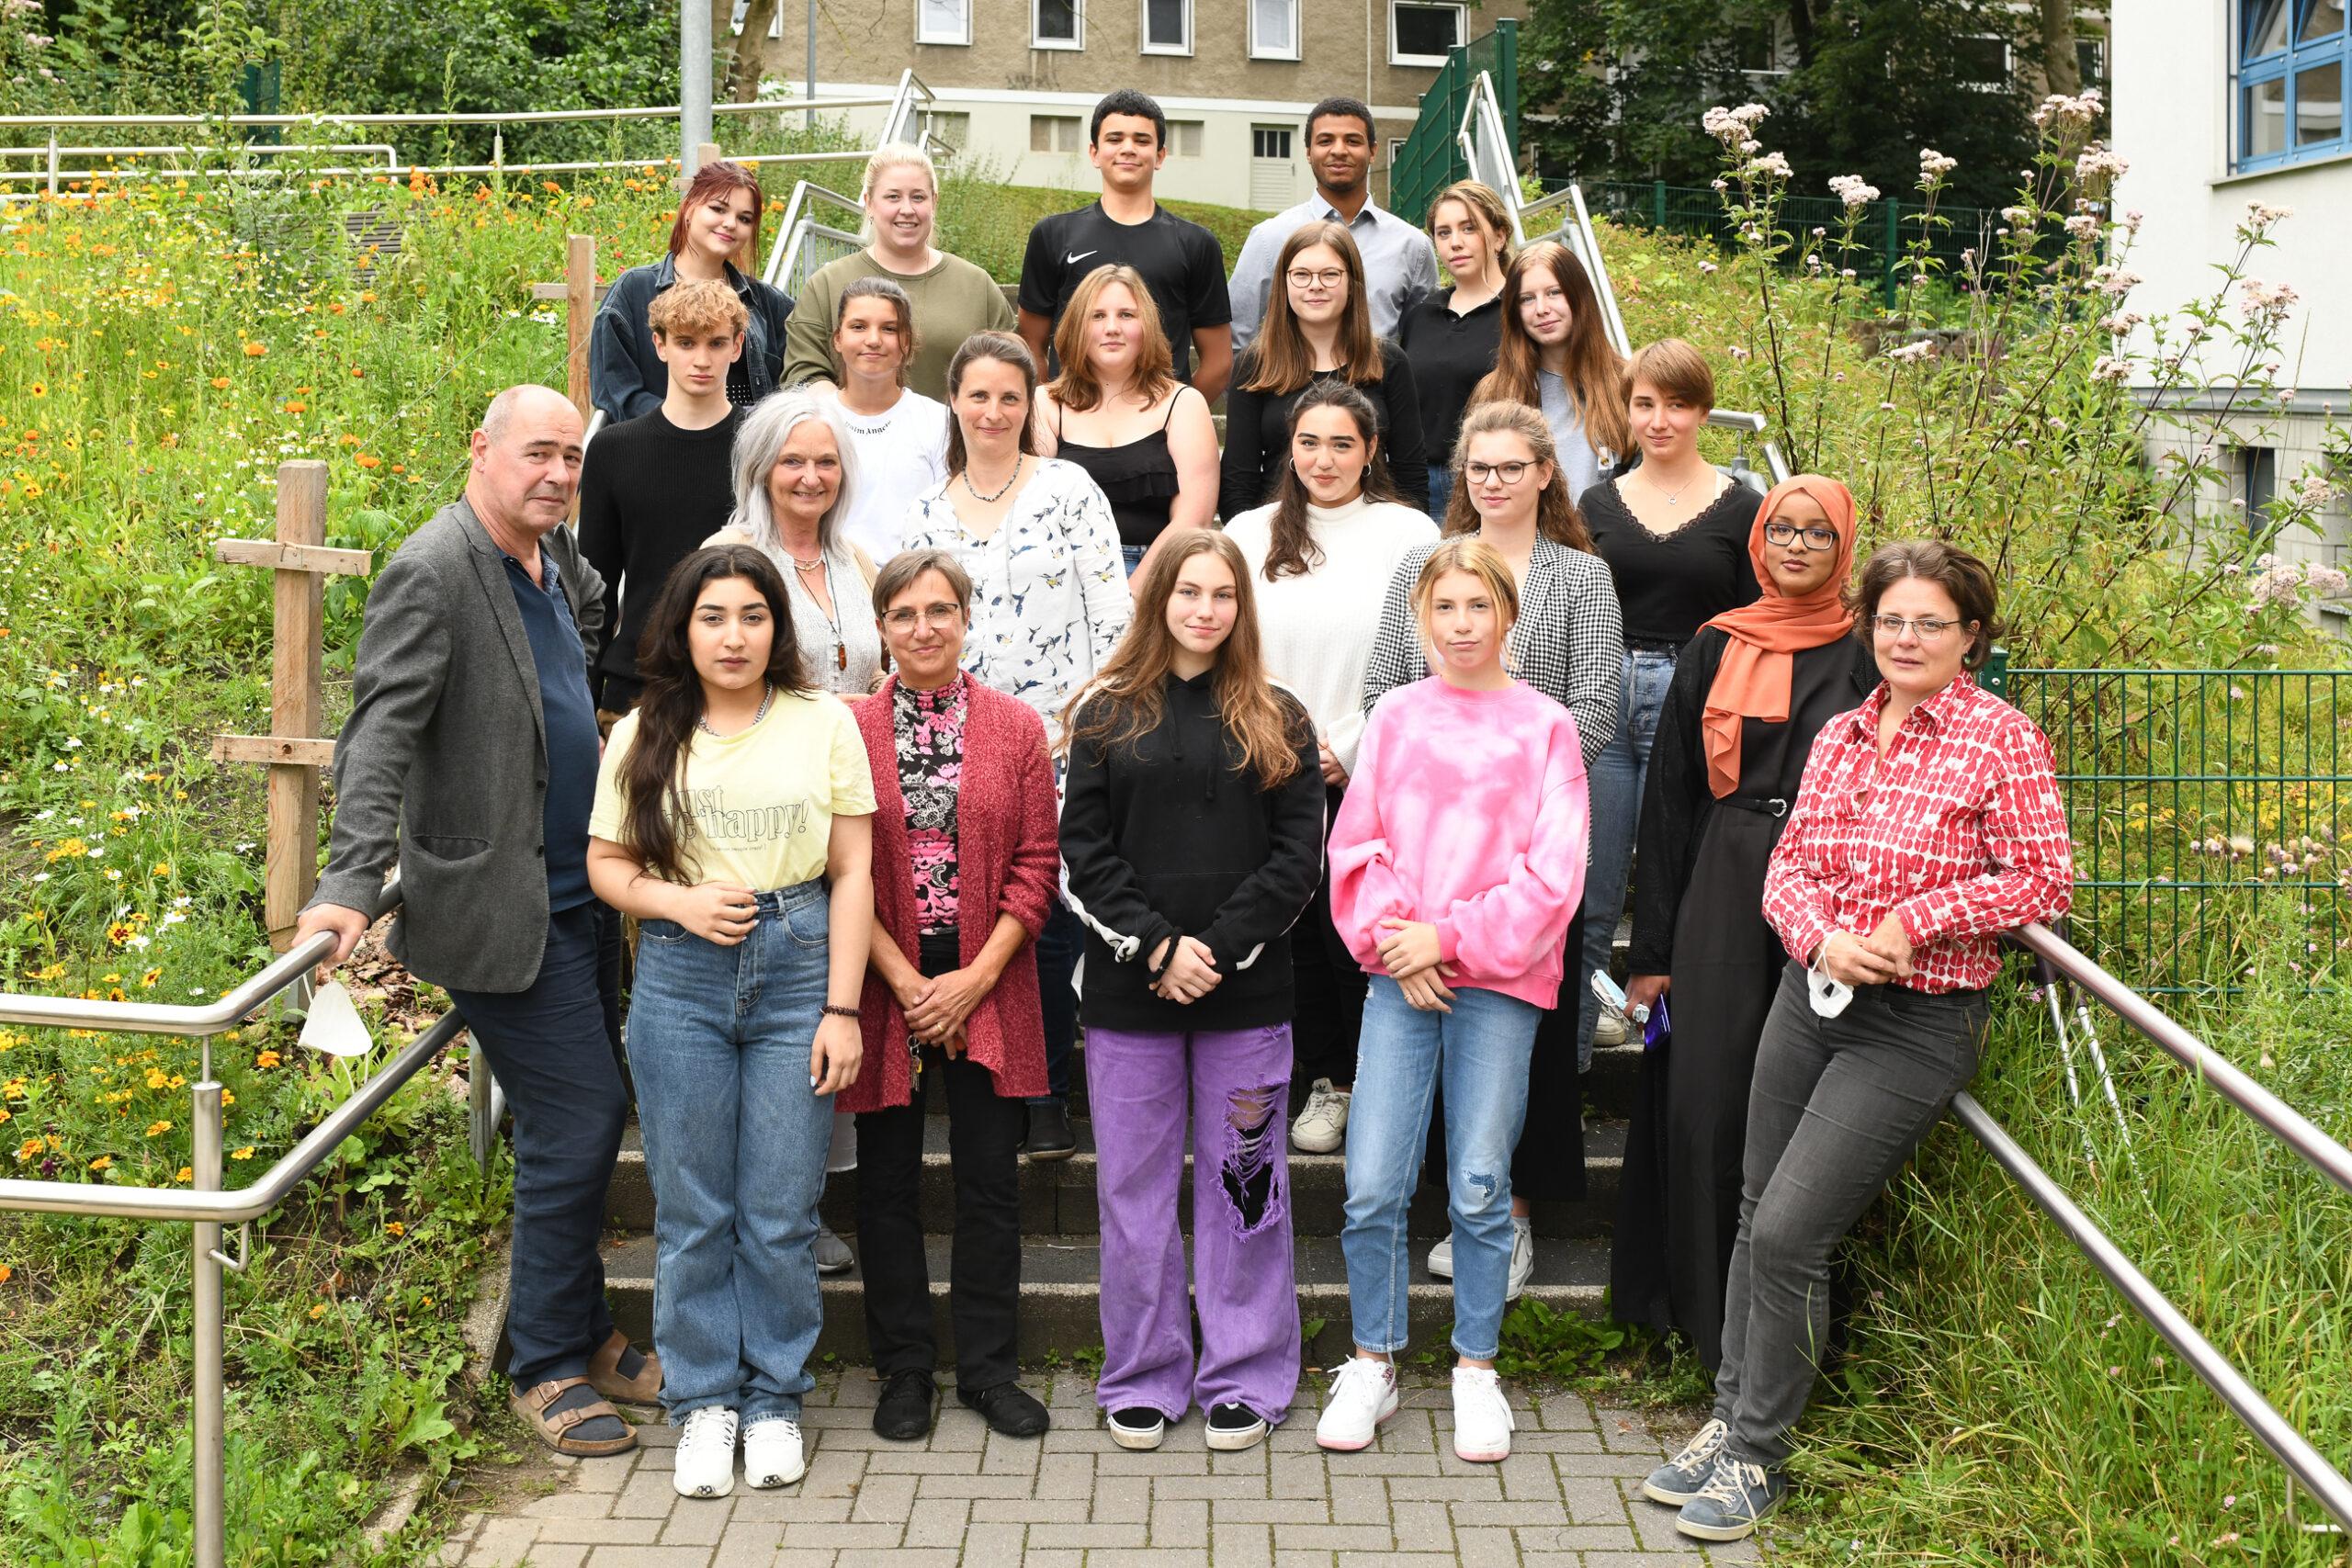 Jugendteam vor dem Kinder- und Jugendbüro / Foto: Jörg Meier__Jörg_Meier